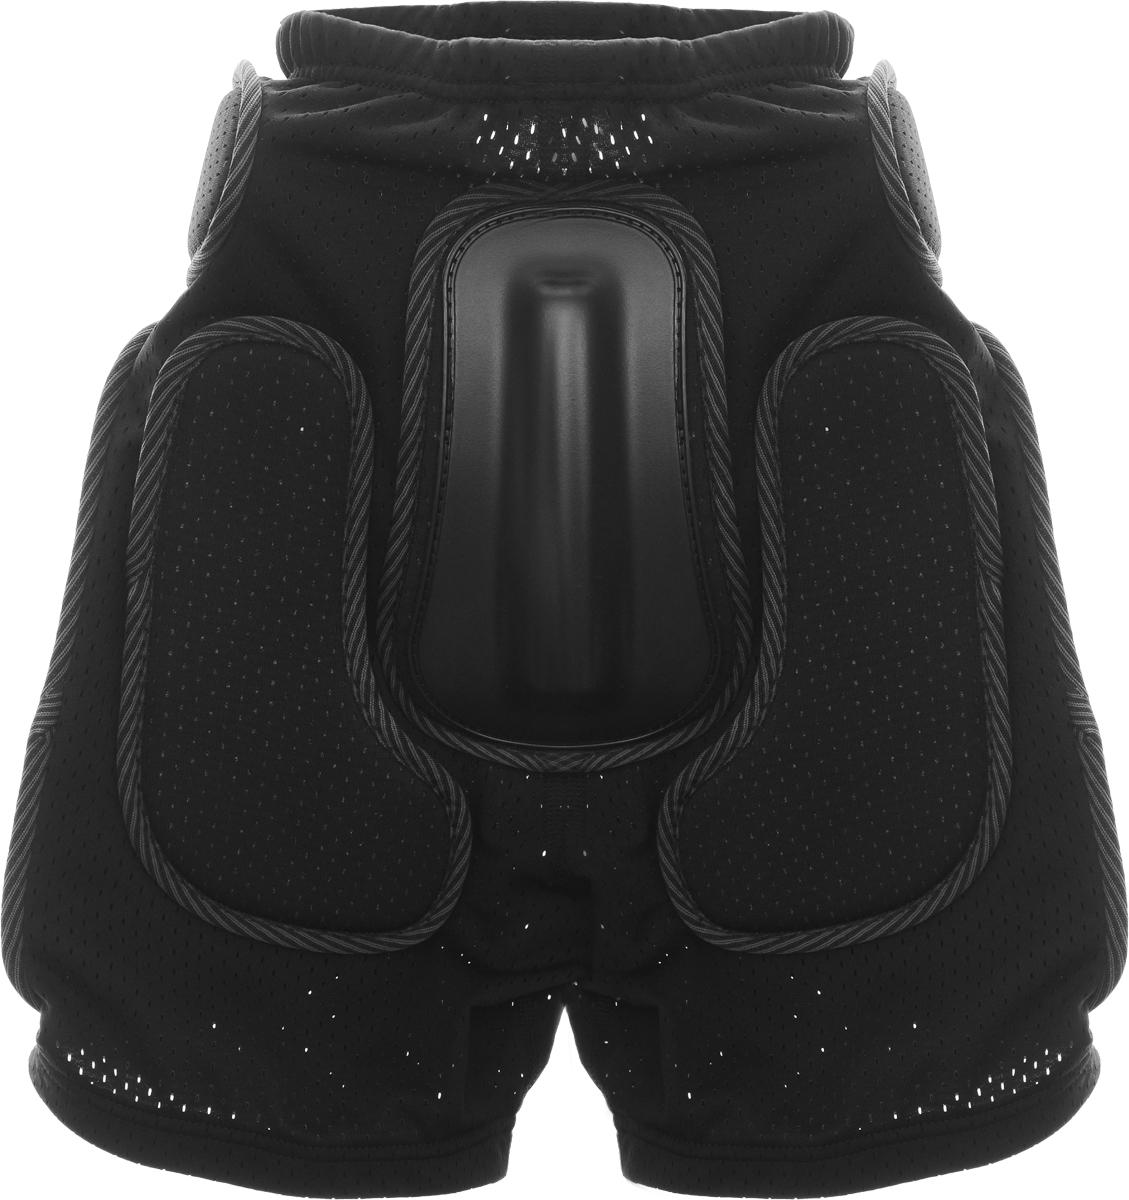 Шорты защитные Biont  Комфорт , цвет: черный, размер L - Защита